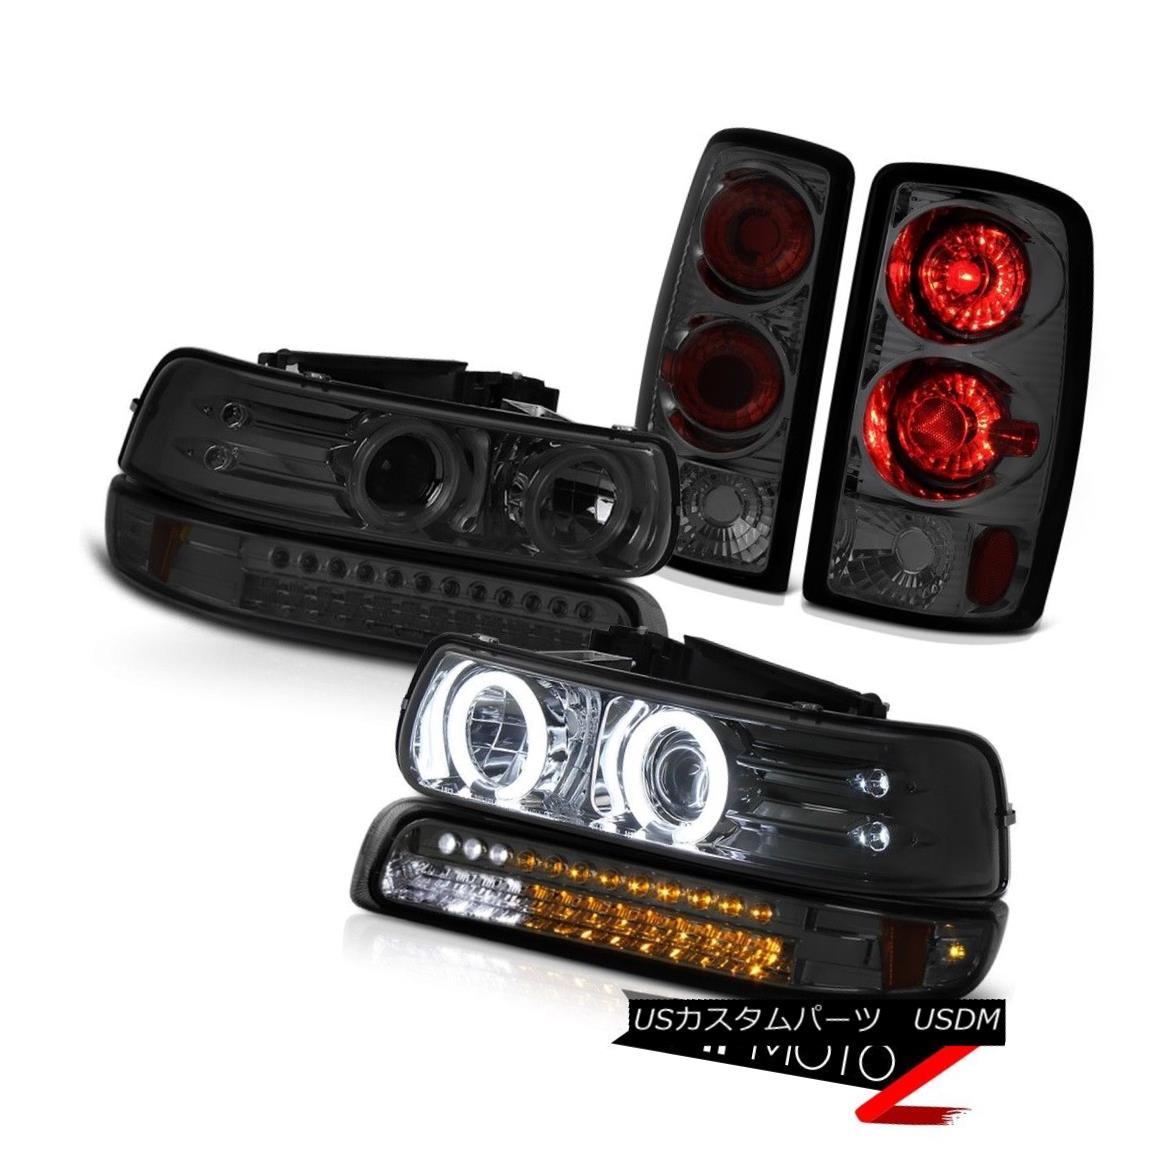 テールライト 2000-2006 Chevy Suburban Brightest CCFL Halo Headlights SMD Tinted Taillight 2000-2006シボレー郊外で最も明るいCCFLハローヘッドライトSMDティアテッドティアライト